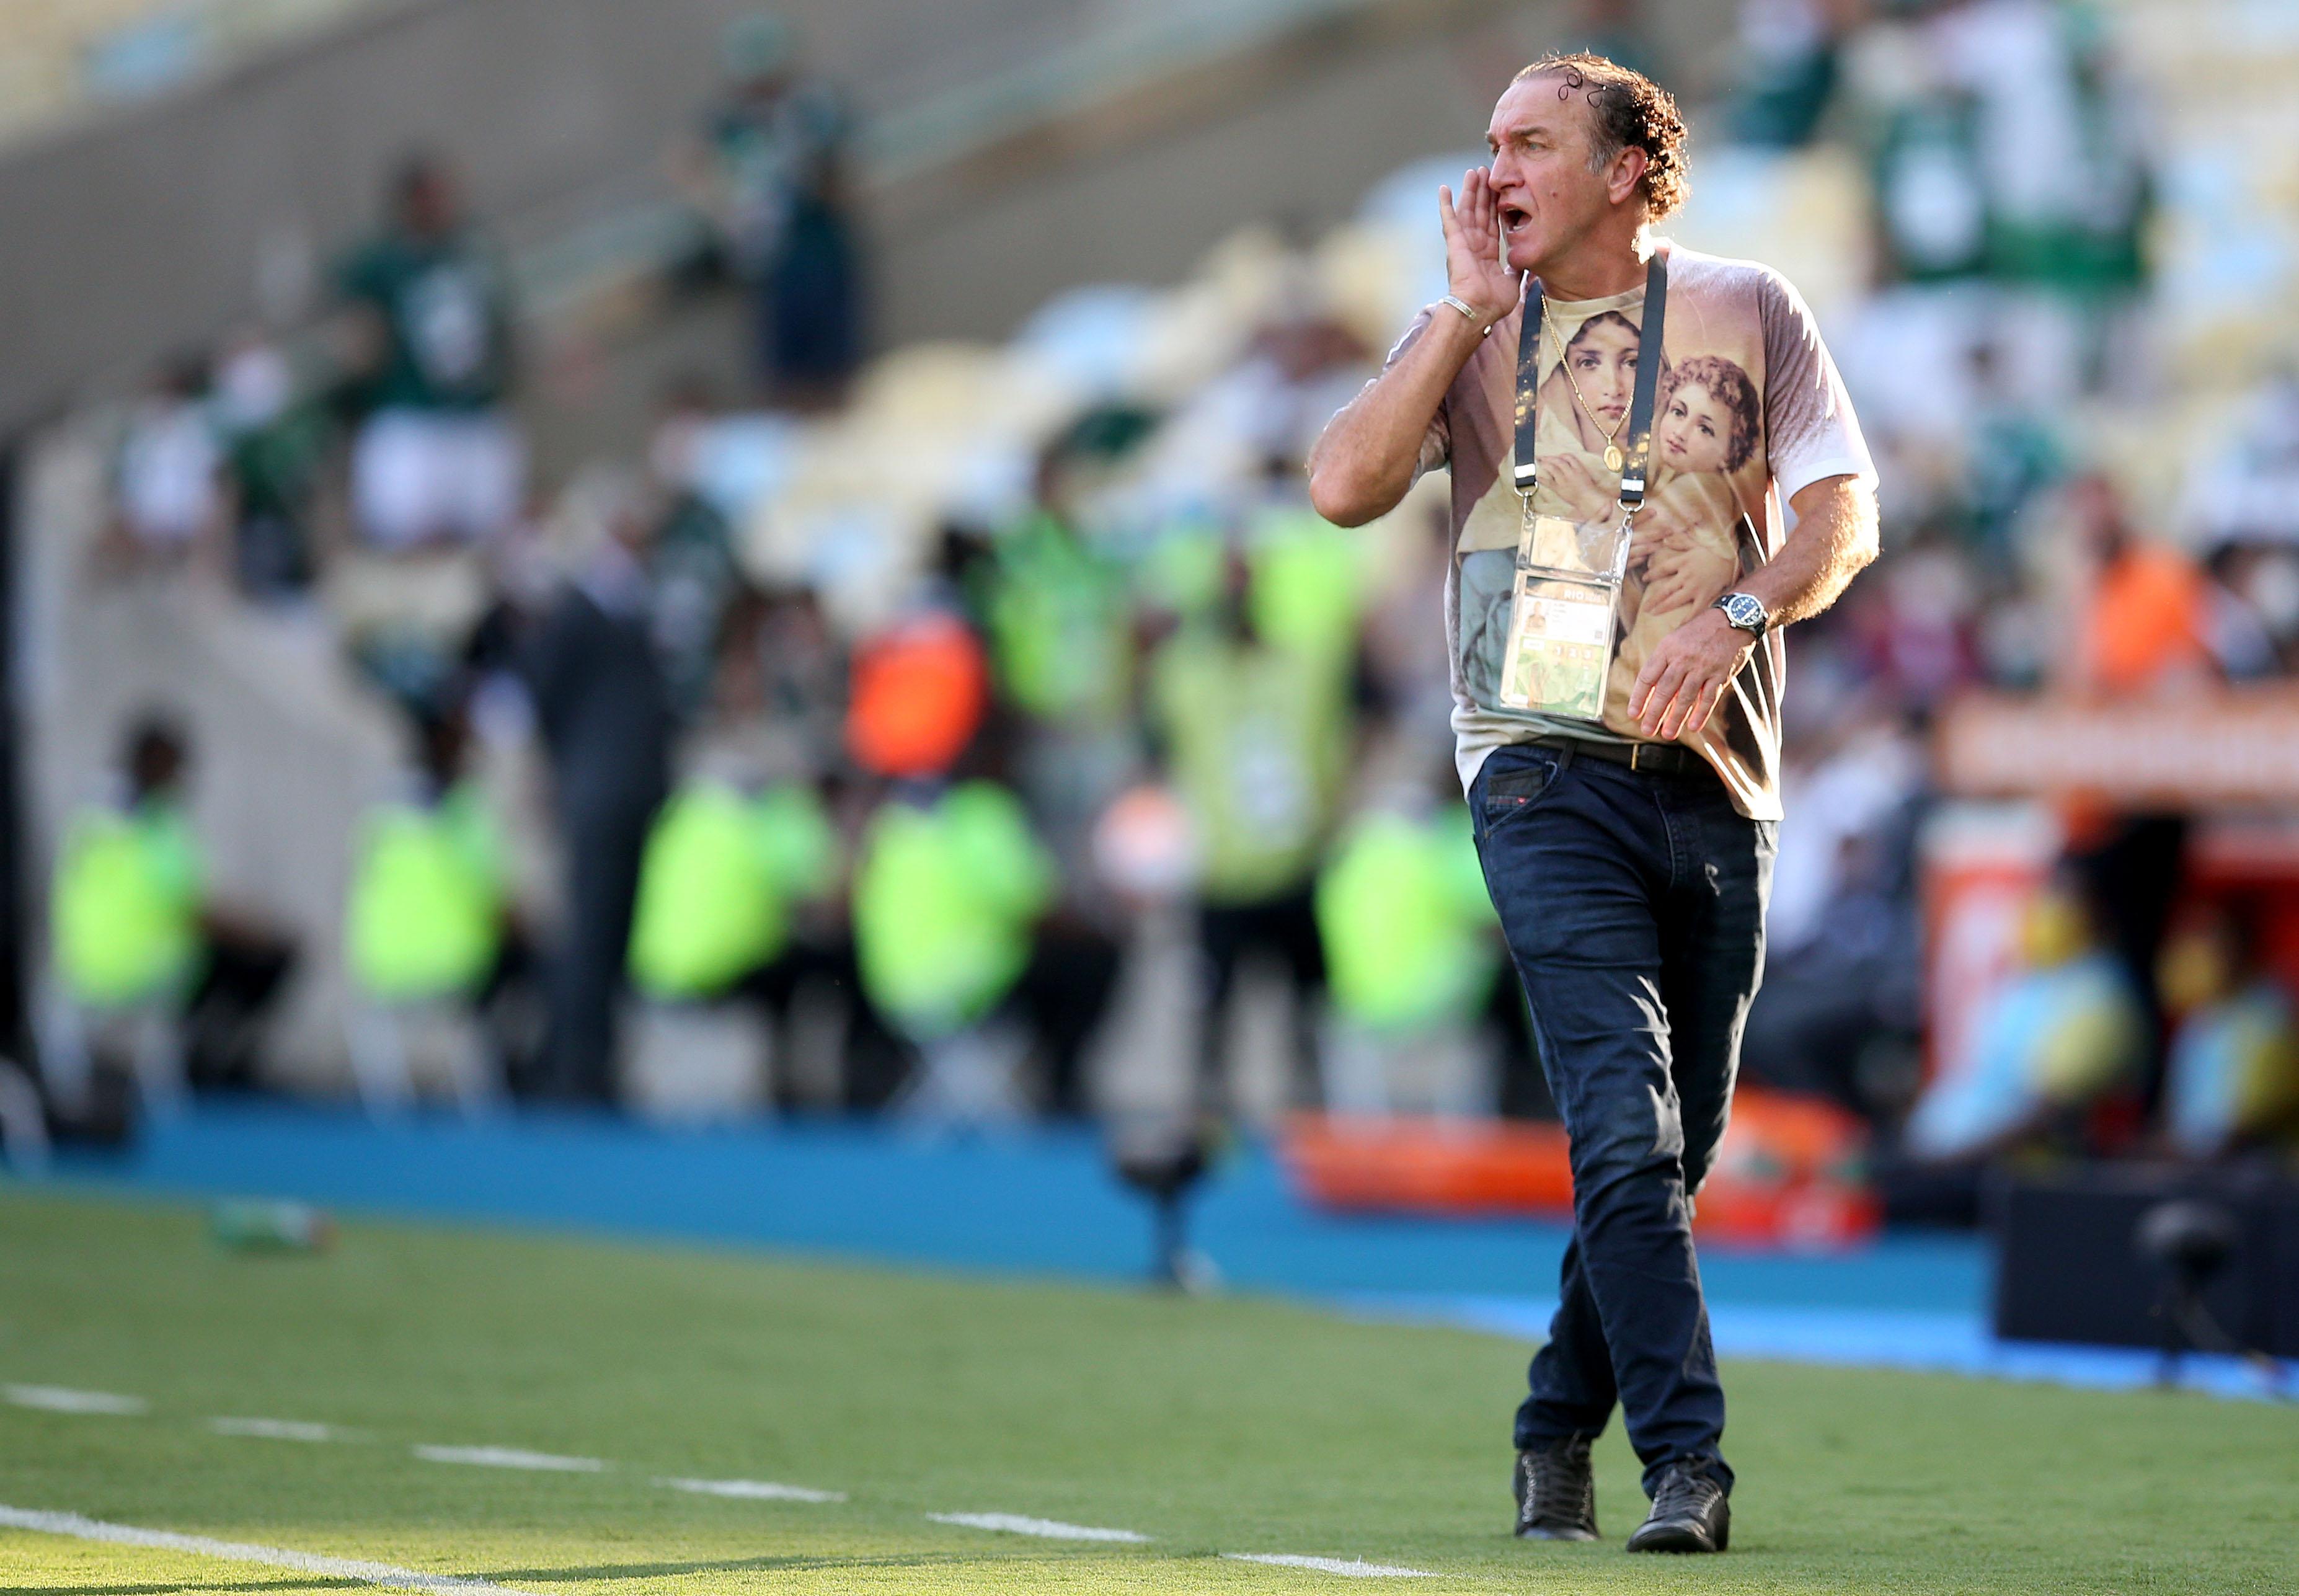 Cuca orienta o Santos na final da Libertadores 2020. Foto: Wilton Júnior/Estadão Conteúdo